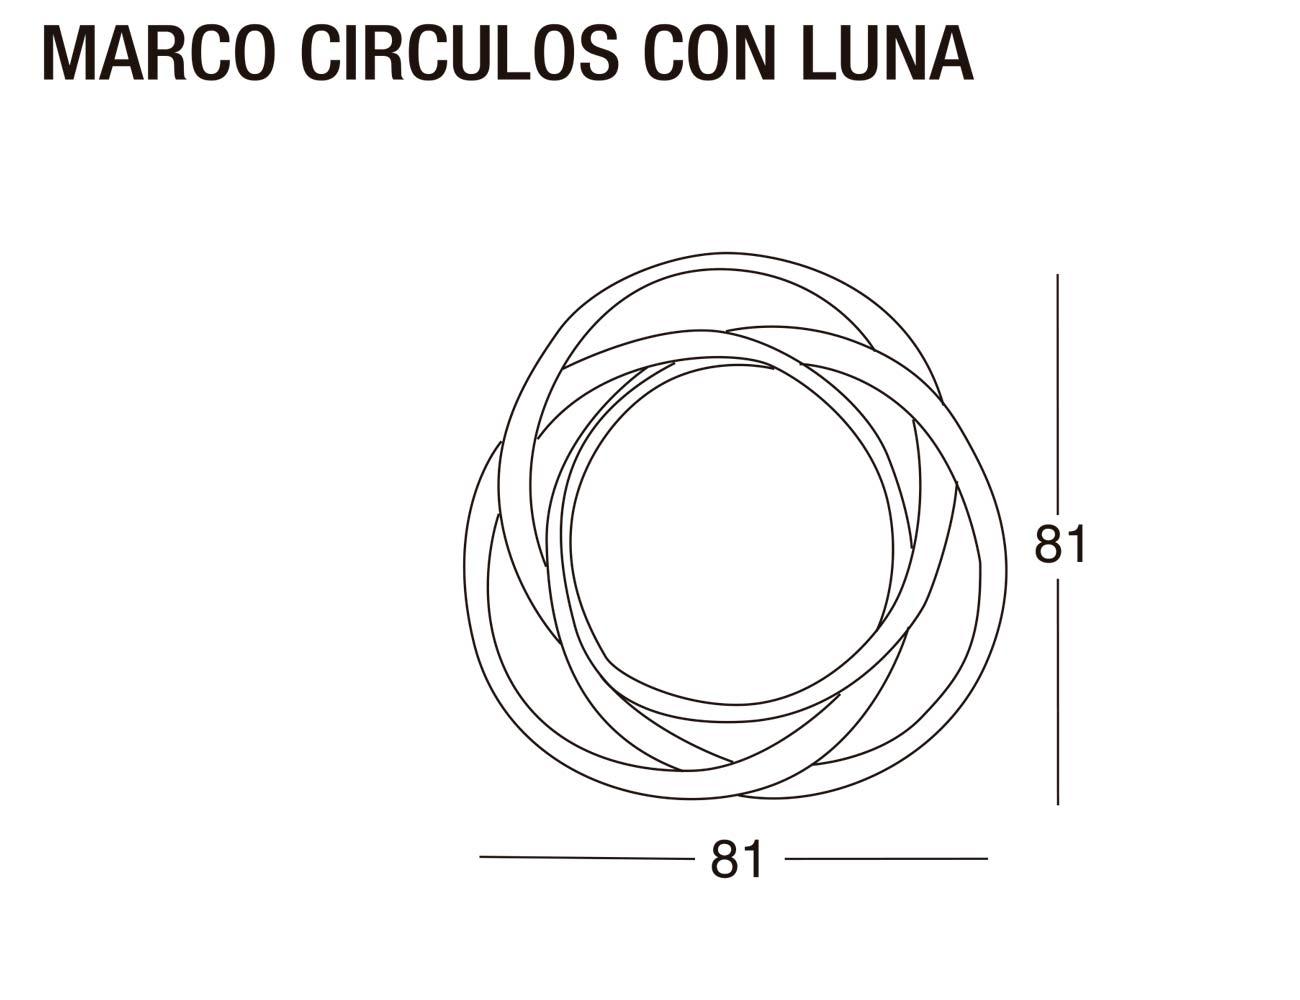 Marco circulos luna 81x81